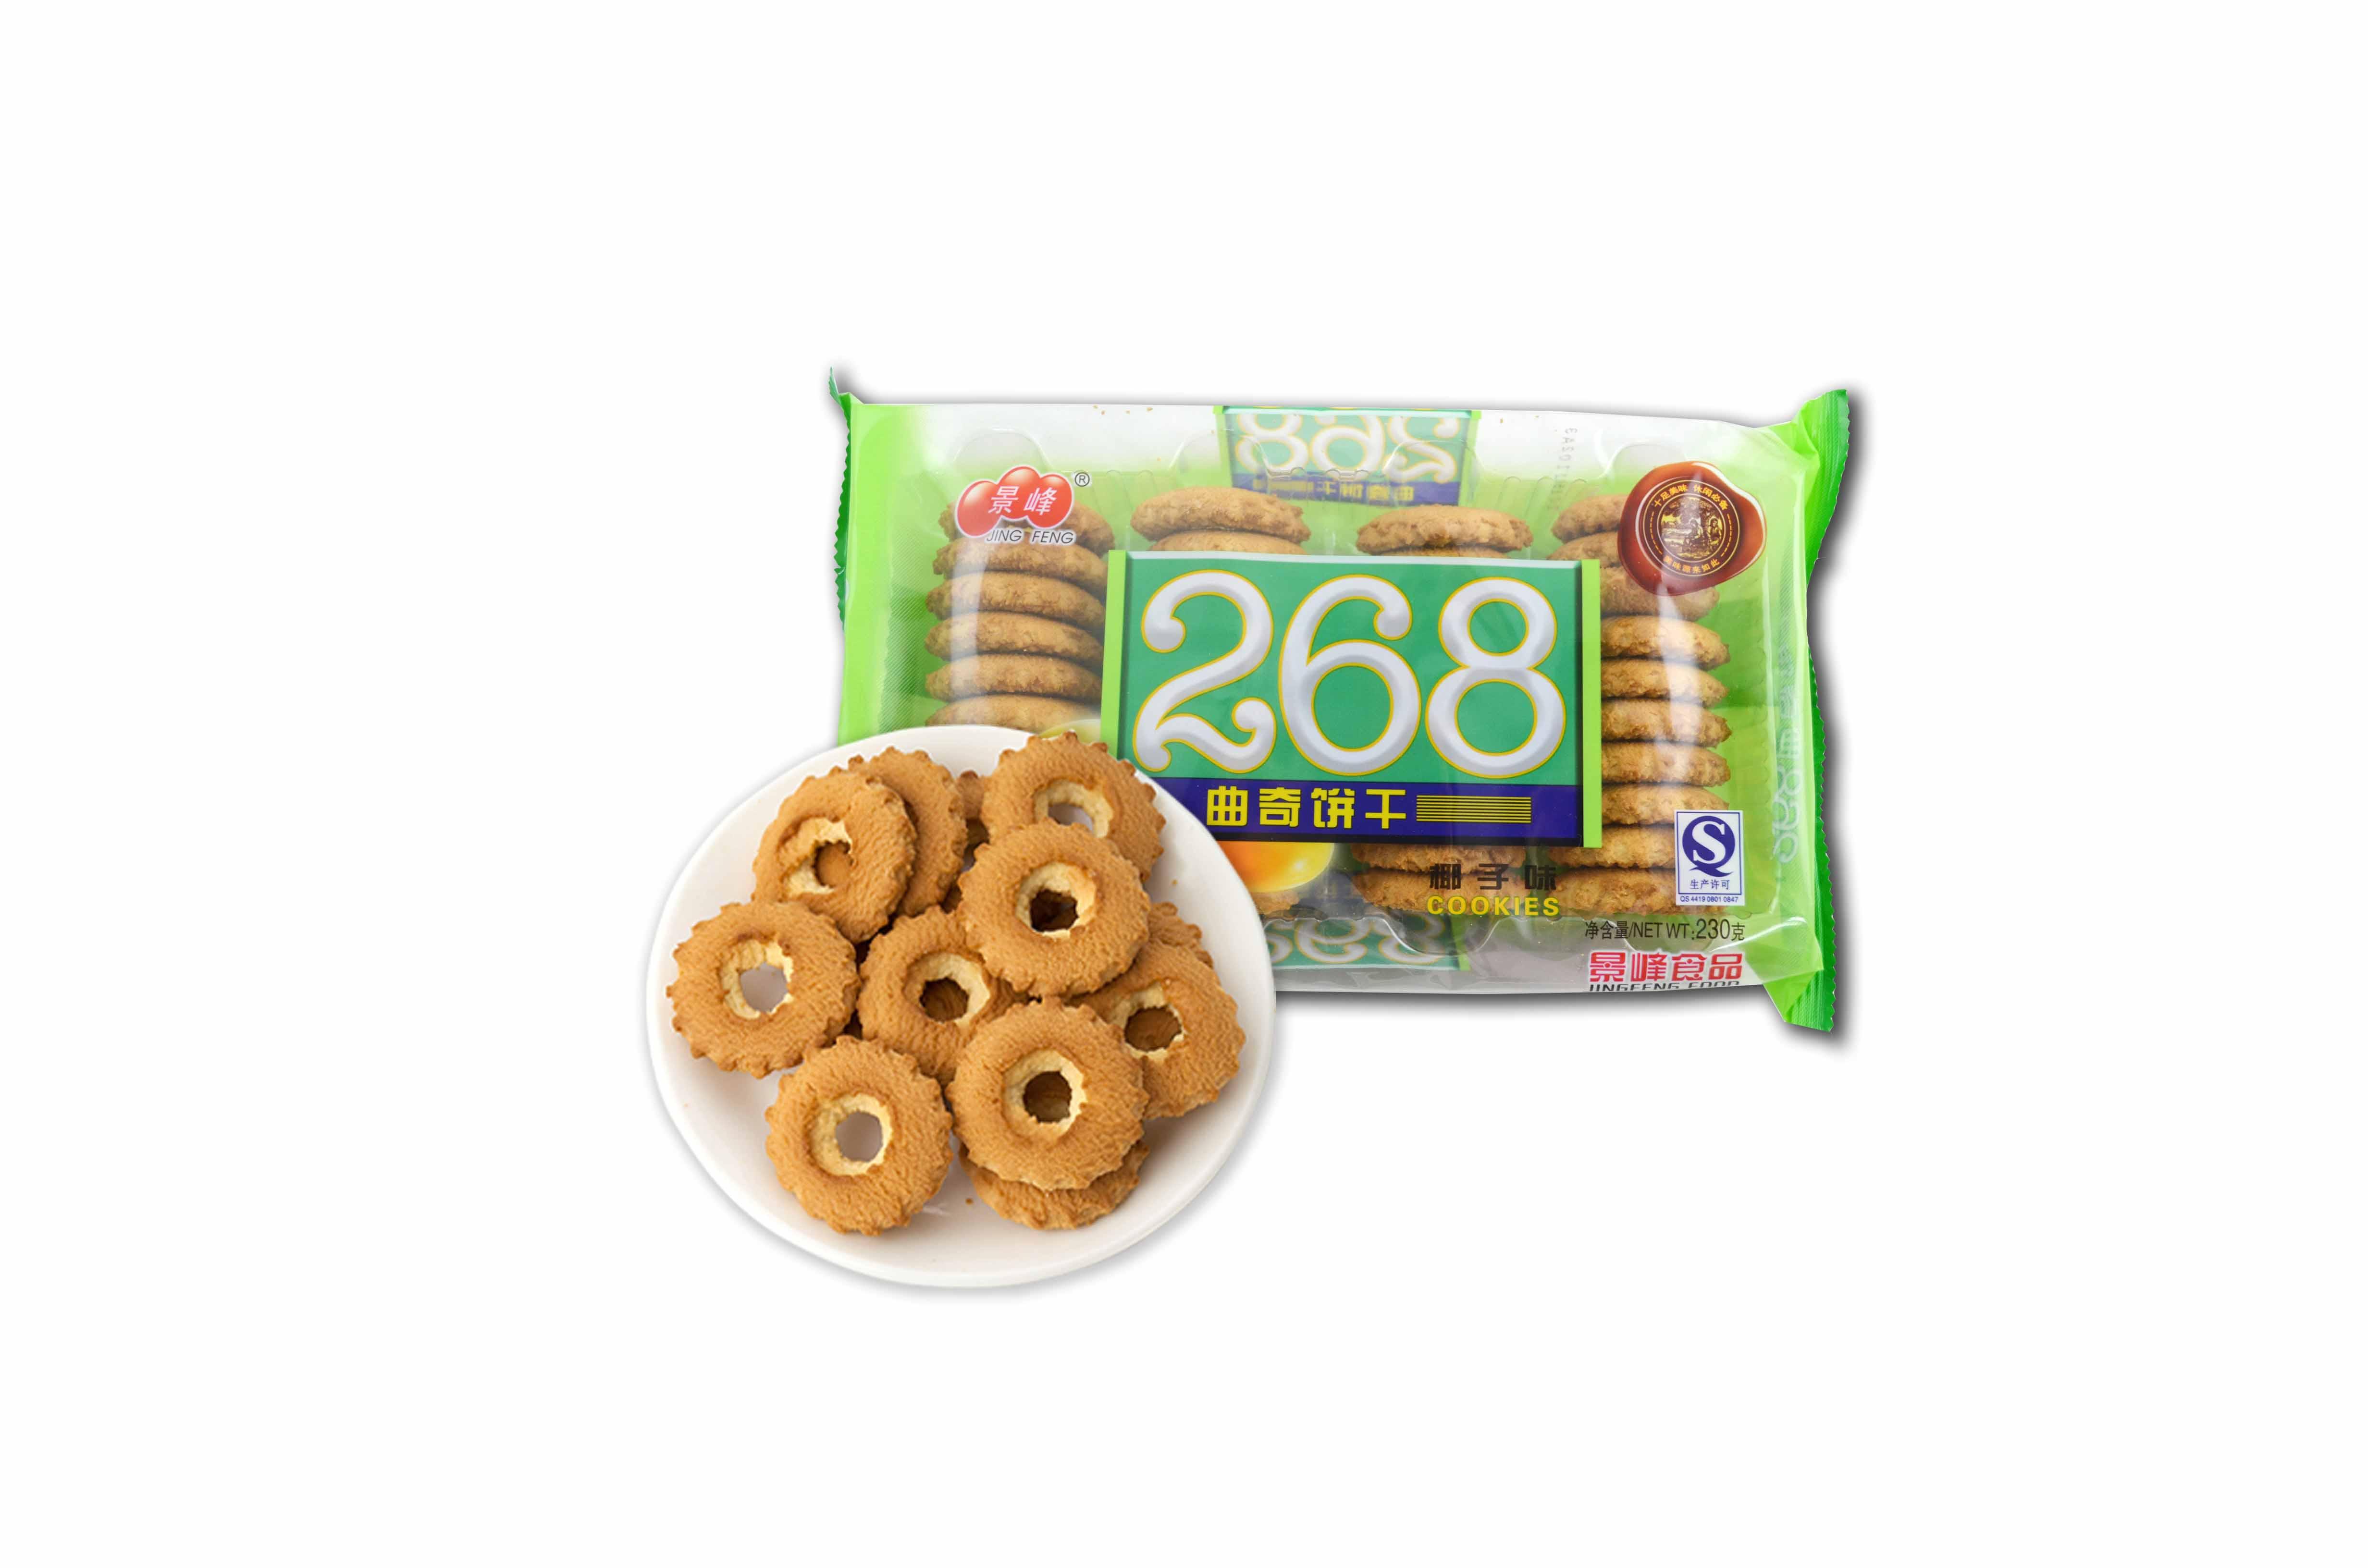 椰子味曲奇饼干(230g)